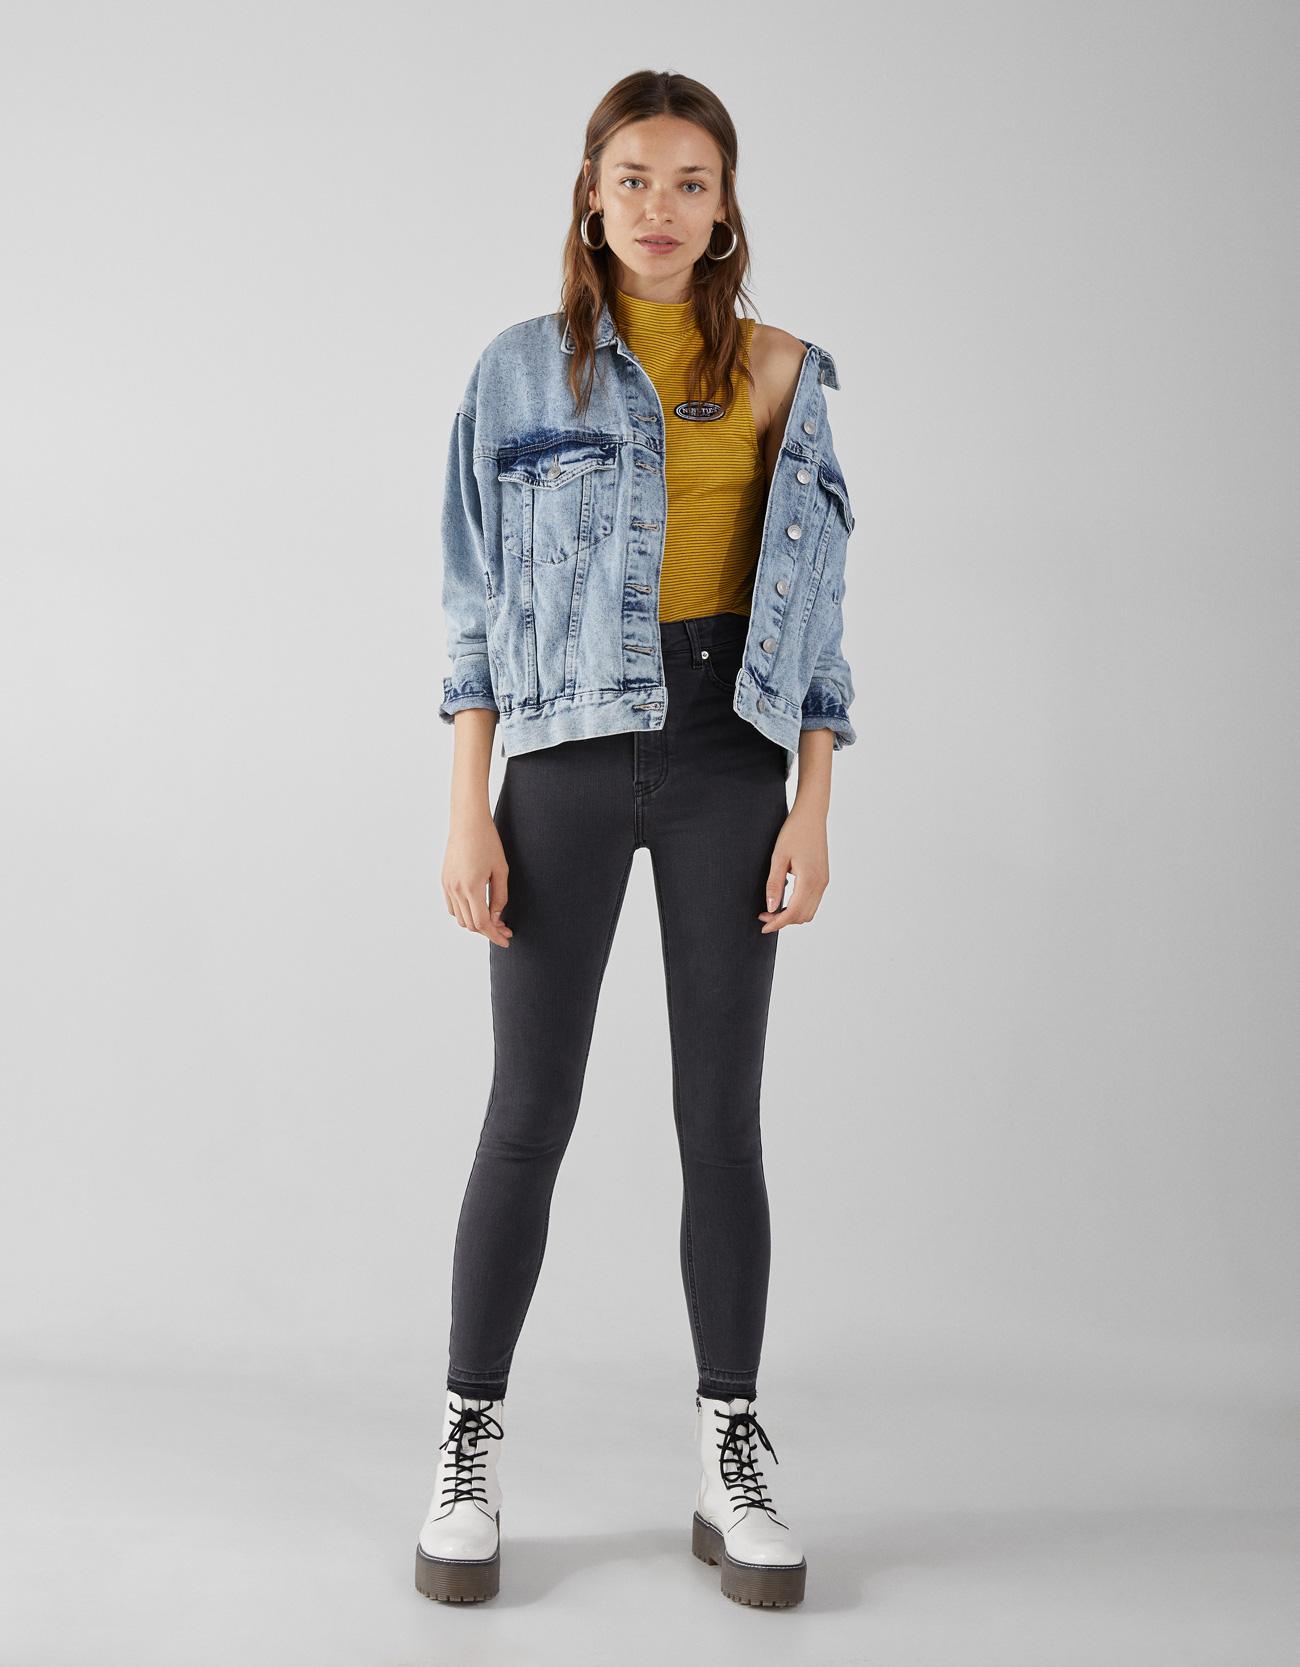 78379e0b5b22 Super High Rise Skinny Jeans - Mid Rise - Bershka Macedonia